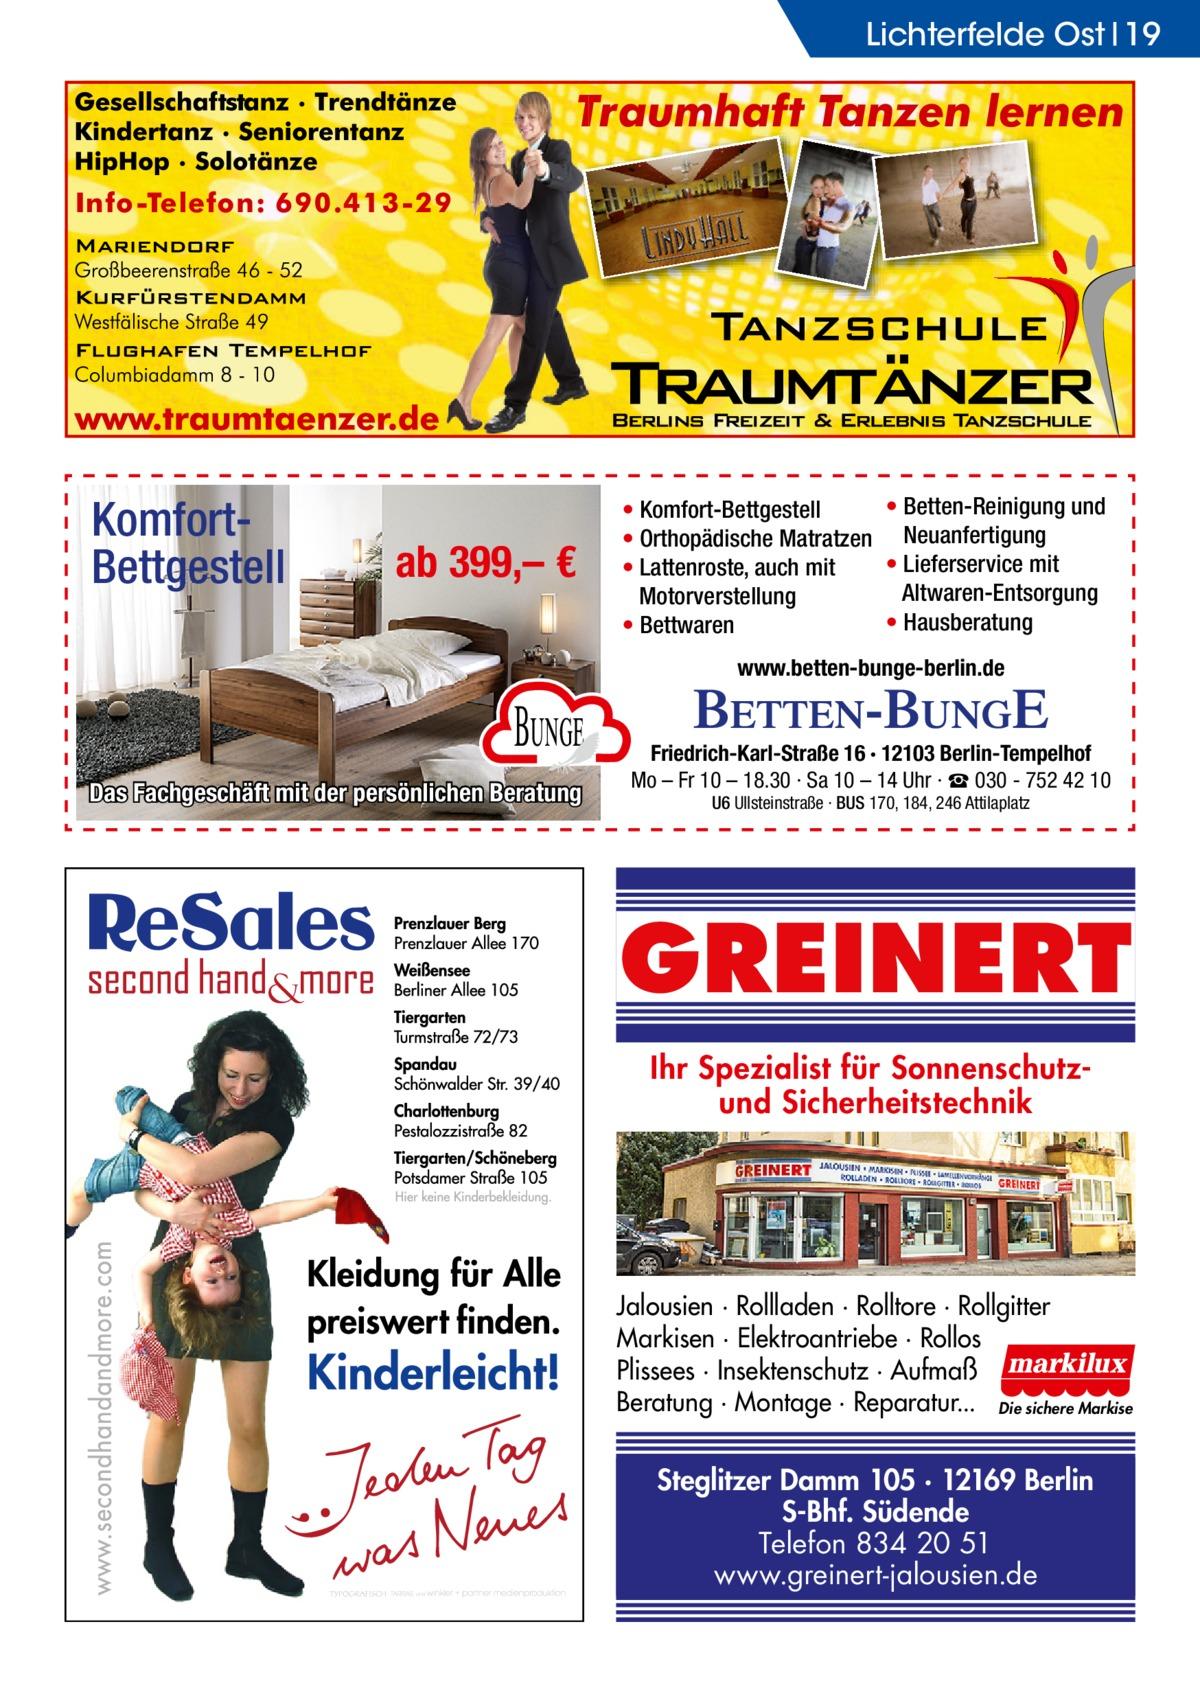 Lichterfelde Ost 19  KomfortBettgestell  ab 399,– €  • Betten-Reinigung und • Komfort-Bettgestell • Orthopädische Matratzen Neuanfertigung • Lieferservice mit • Lattenroste, auch mit Altwaren-Entsorgung Motorverstellung • Hausberatung • Bettwaren www.betten-bunge-berlin.de  Bunge Das Fachgeschäft mit der persönlichen Beratung  Friedrich-Karl-Straße 16 · 12103 Berlin-Tempelhof Mo – Fr 10 – 18.30 · Sa 10 – 14 Uhr · ☎ 030 - 752 42 10 U6 Ullsteinstraße · BUS 170, 184, 246 Attilaplatz  GREINERT Ihr Spezialist für Sonnenschutzund Sicherheitstechnik  Jalousien · Rollladen · Rolltore · Rollgitter Markisen · Elektroantriebe · Rollos Plissees · Insektenschutz · Aufmaß Beratung · Montage · Reparatur... Die sichere Markise  Steglitzer Damm 105 · 12169 Berlin S-Bhf. Südende Telefon 834 20 51 www.greinert-jalousien.de